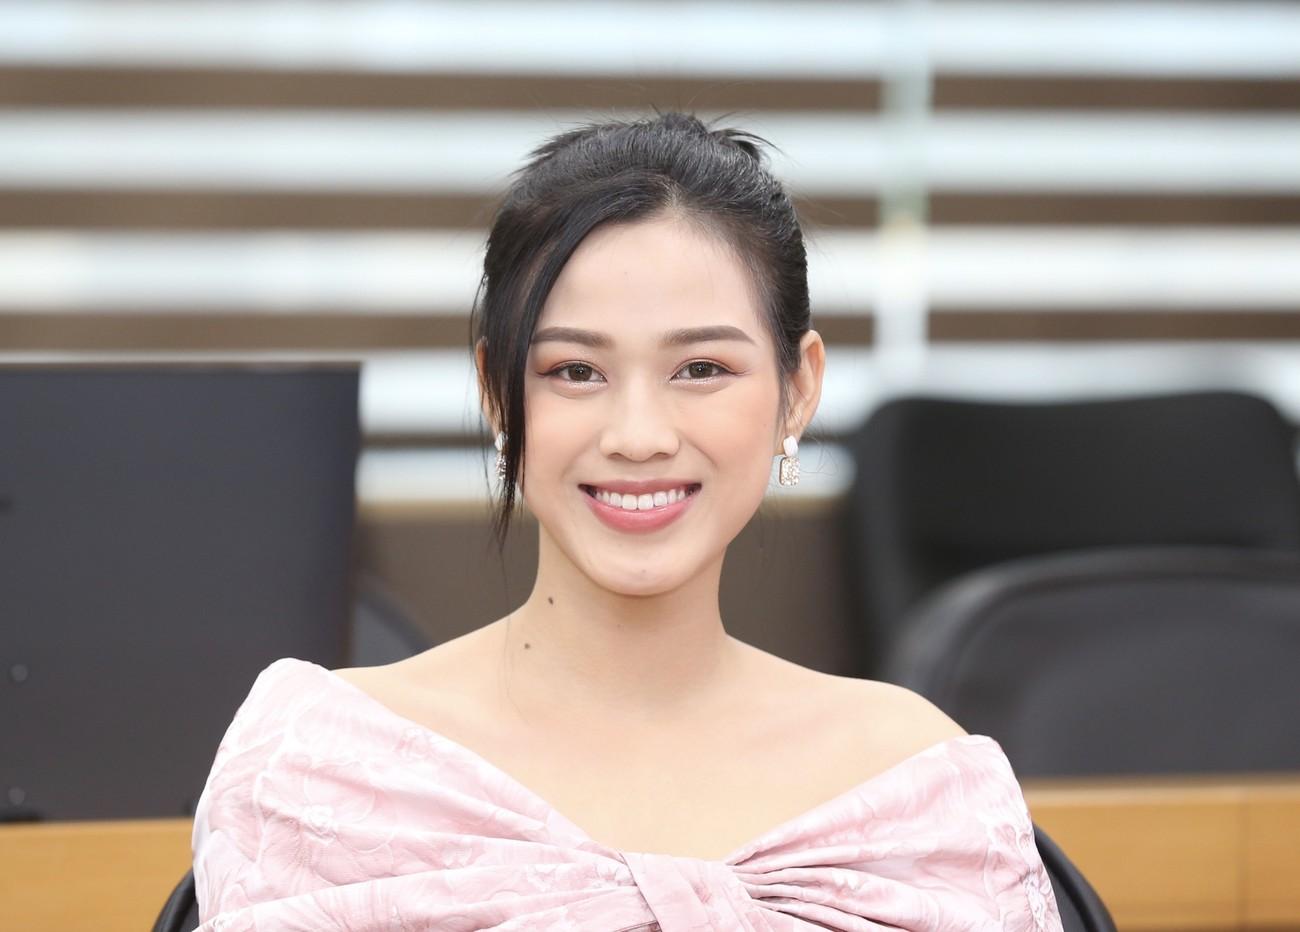 Những hình ảnh đẹp rạng rỡ của Hoa hậu Đỗ Thị Hà trong hành trình Chủ nhật Đỏ 2021 ảnh 10